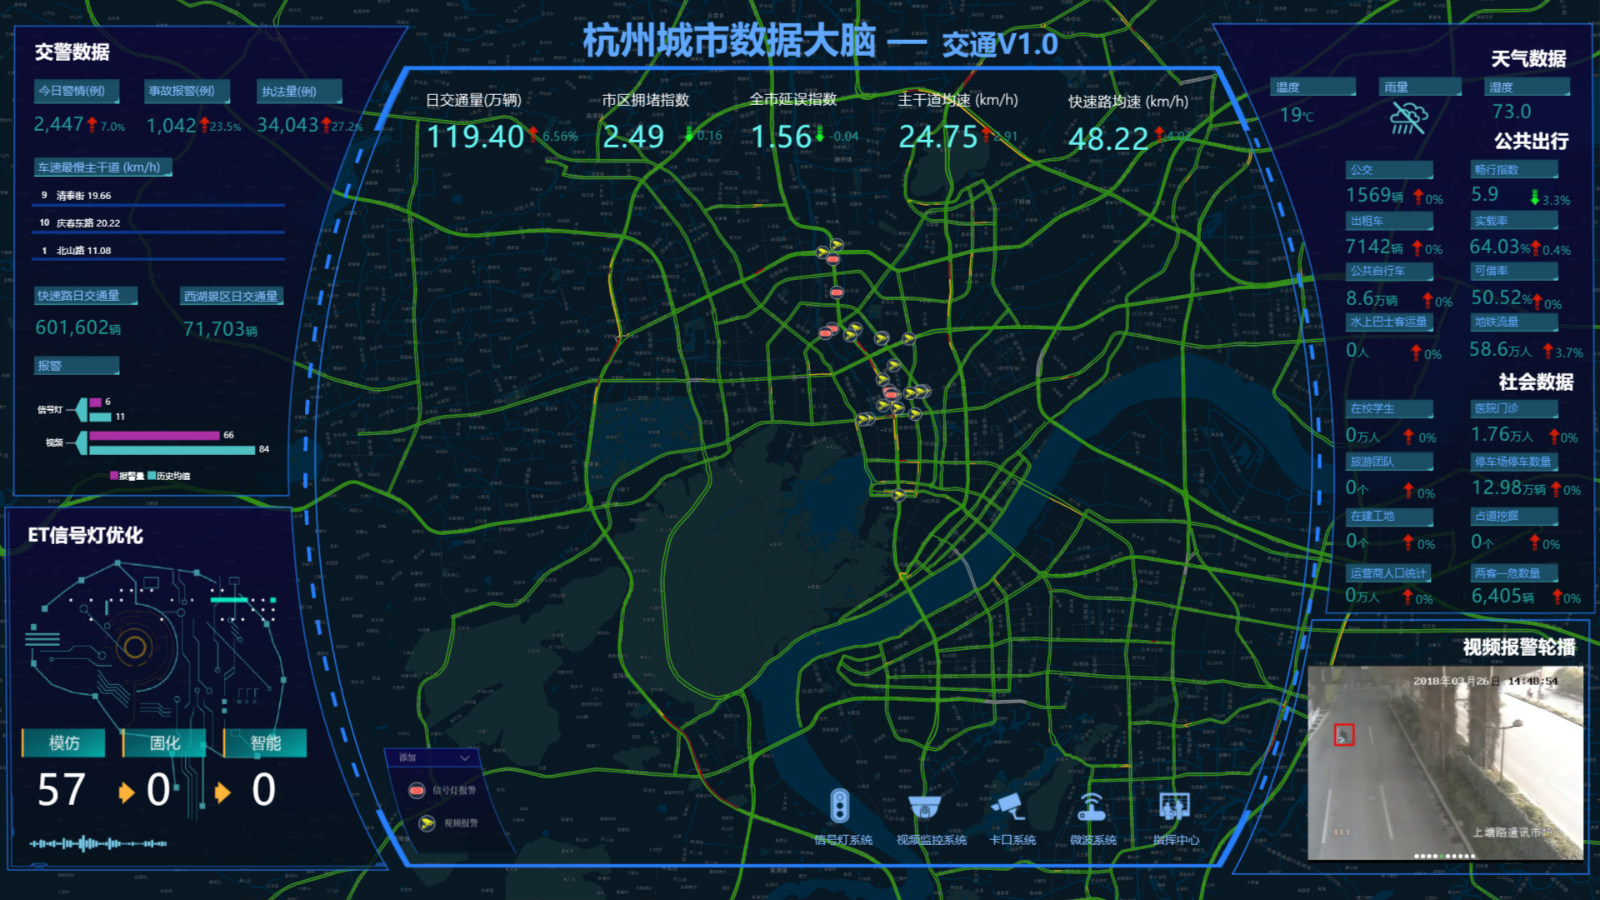 杭州城市大脑20秒发现路面交通事件